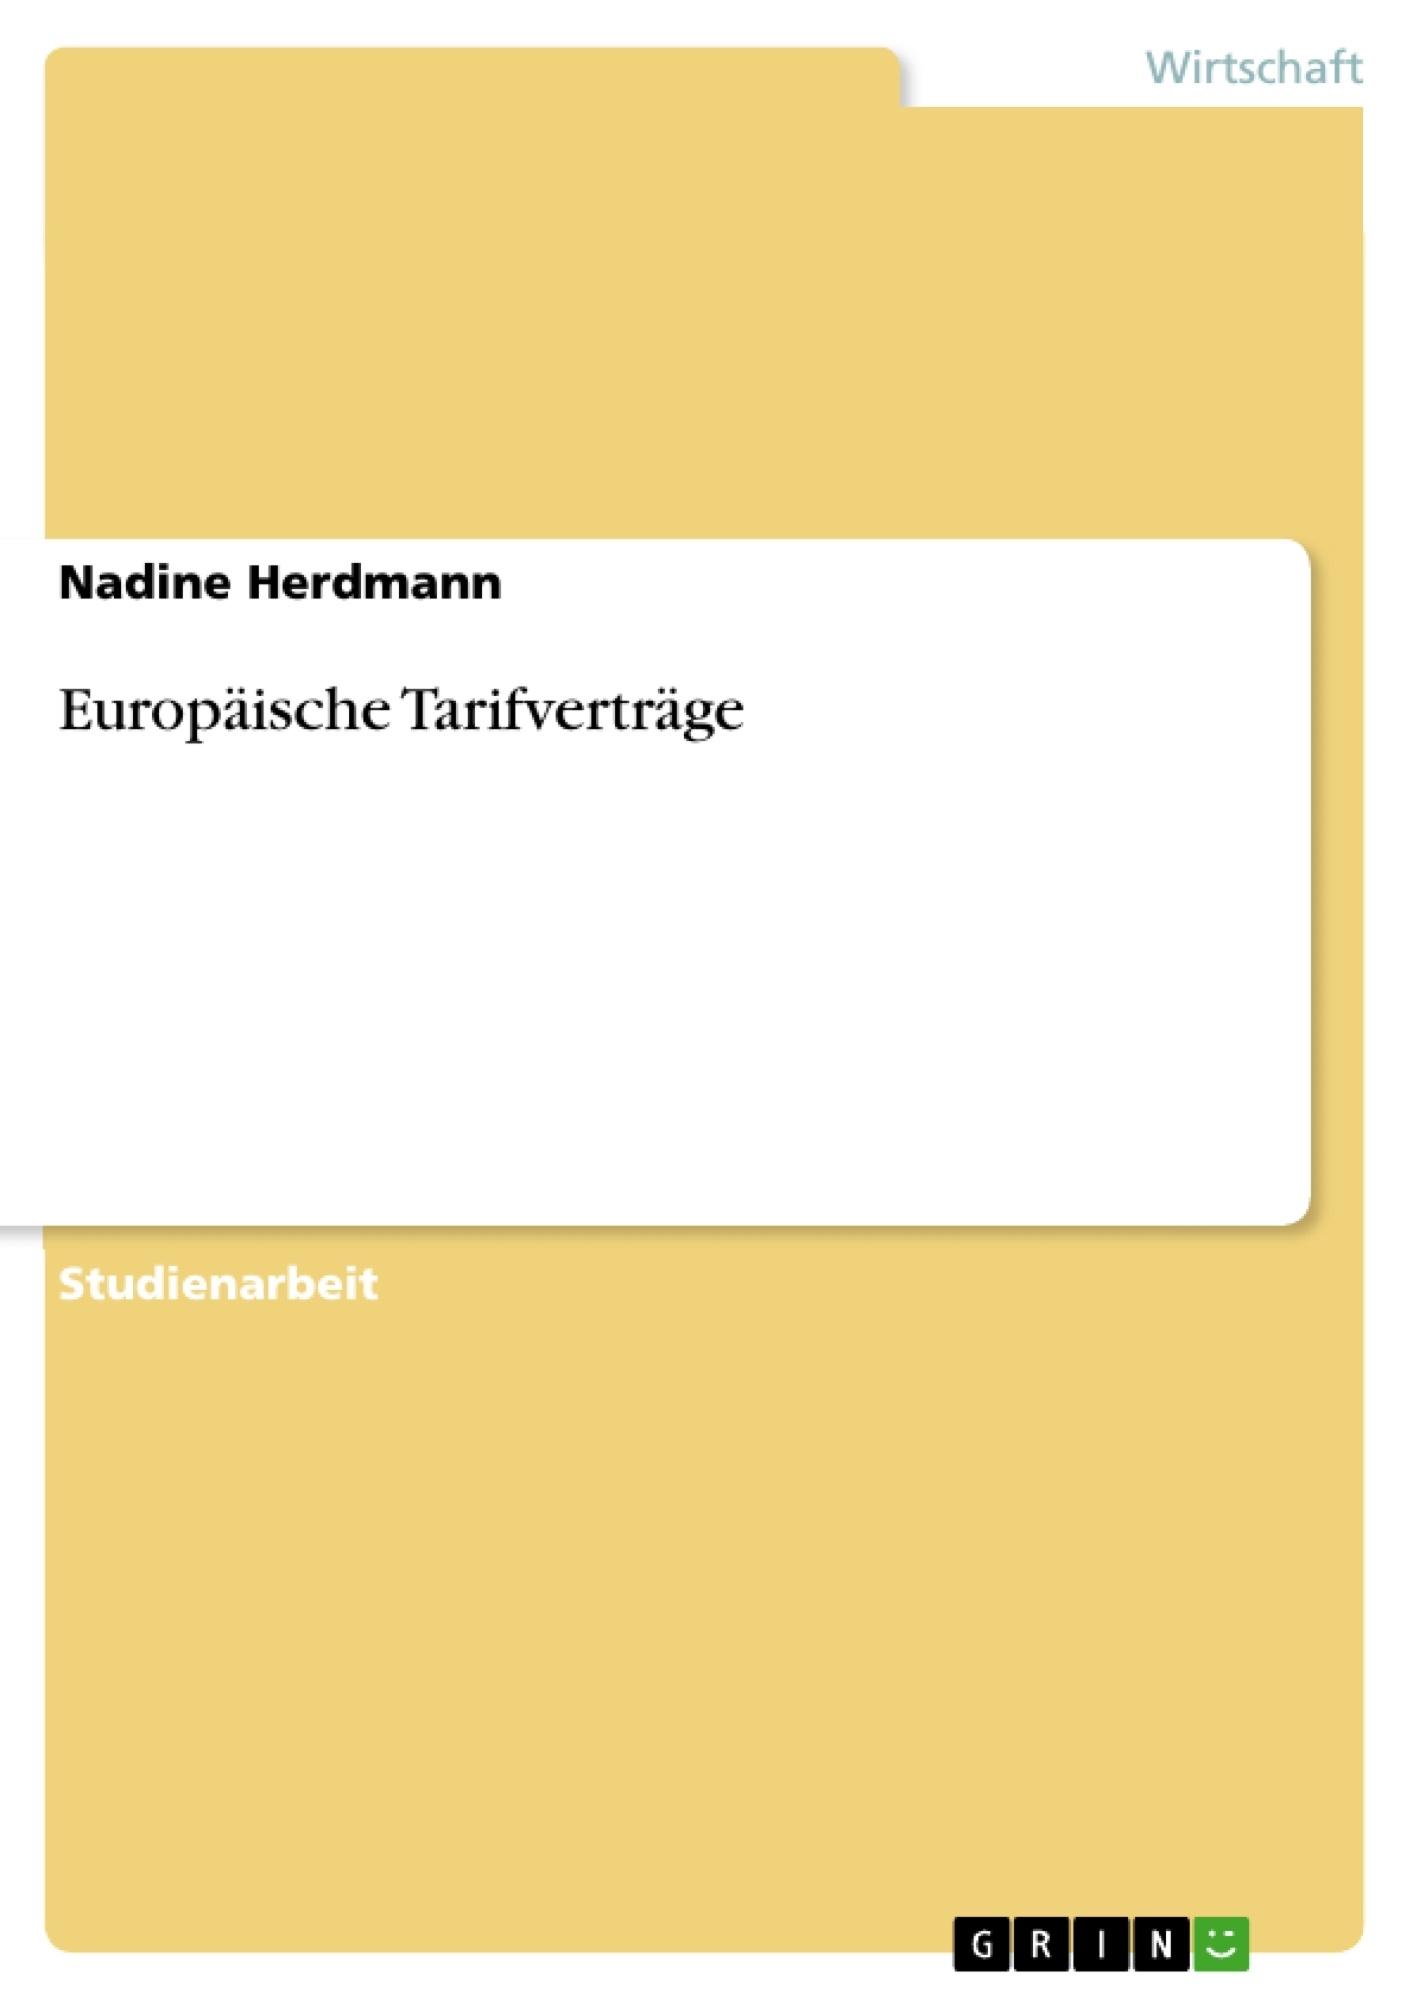 Titel: Europäische Tarifverträge